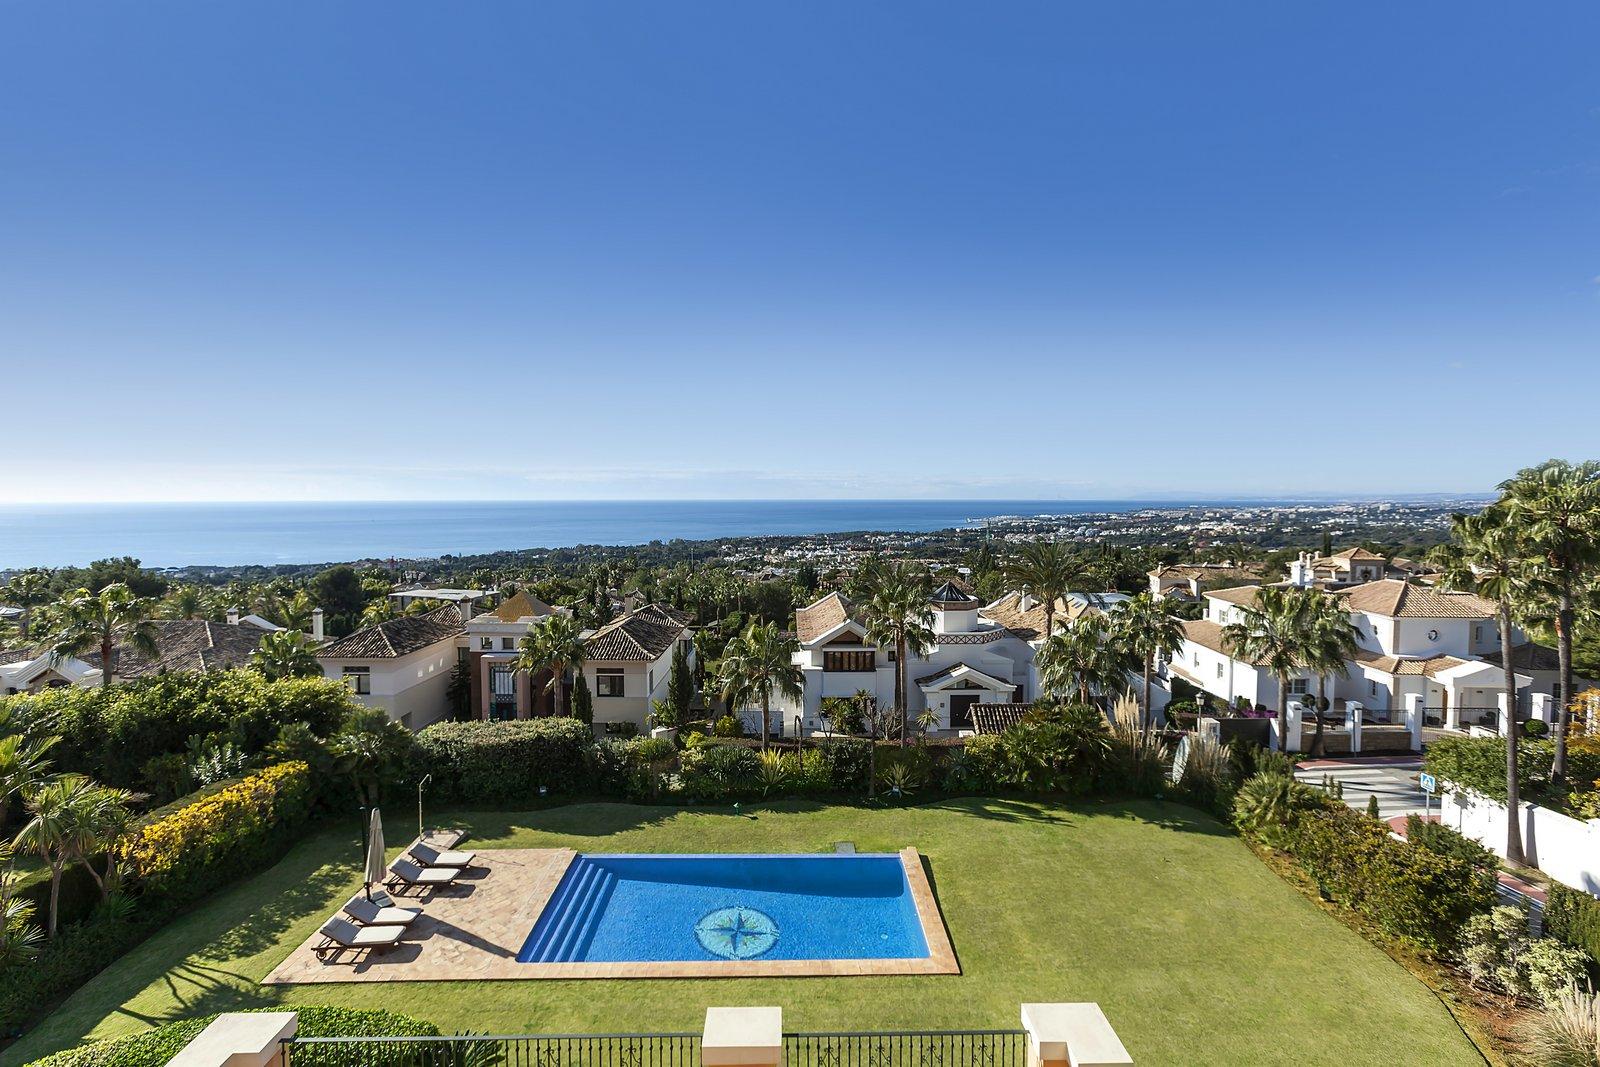 Die ausländischen Immobilienköufer kehren nach Marbella zurück